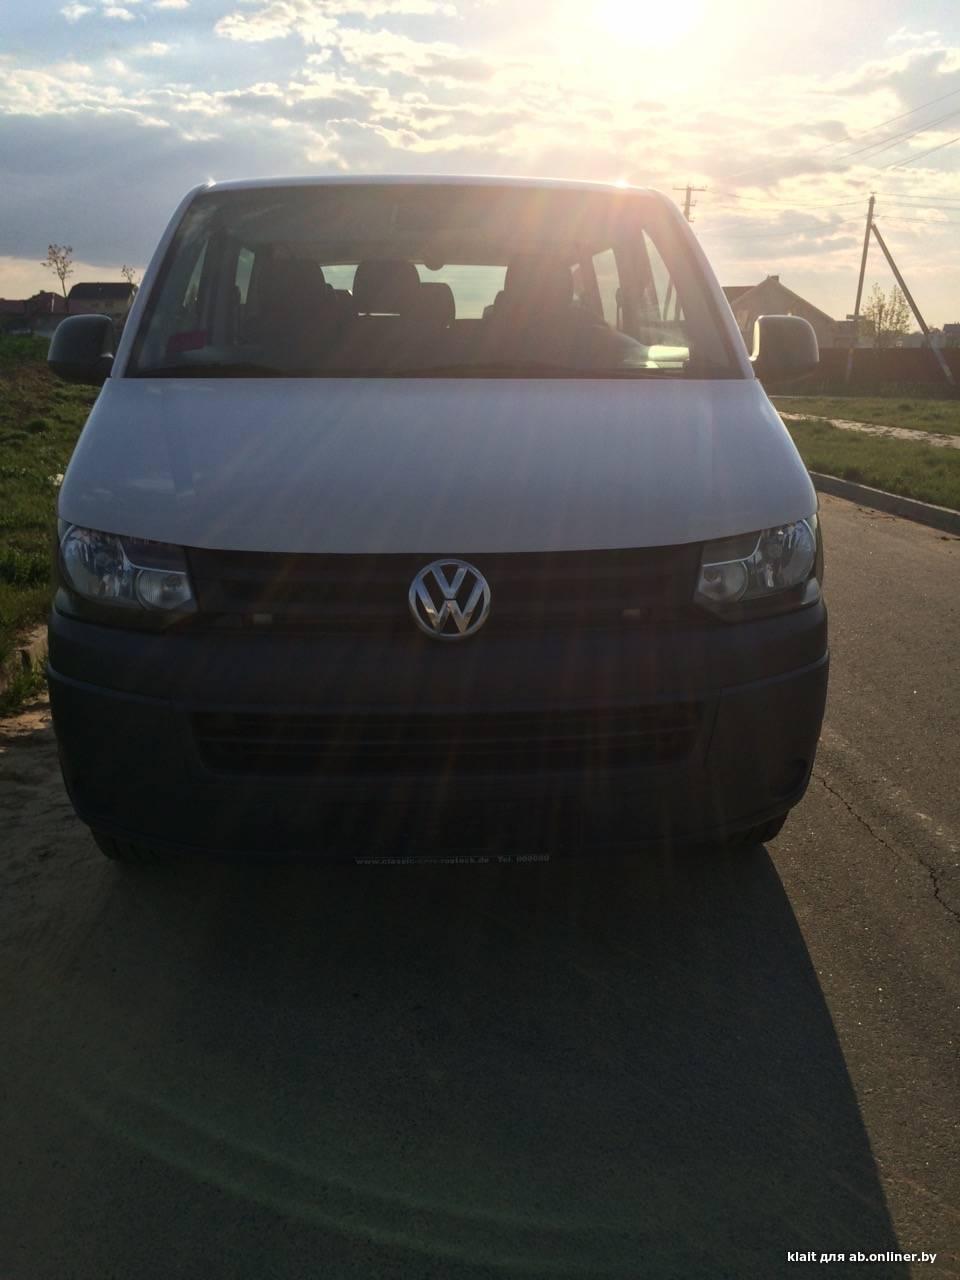 Volkswagen T5 140 л.с.